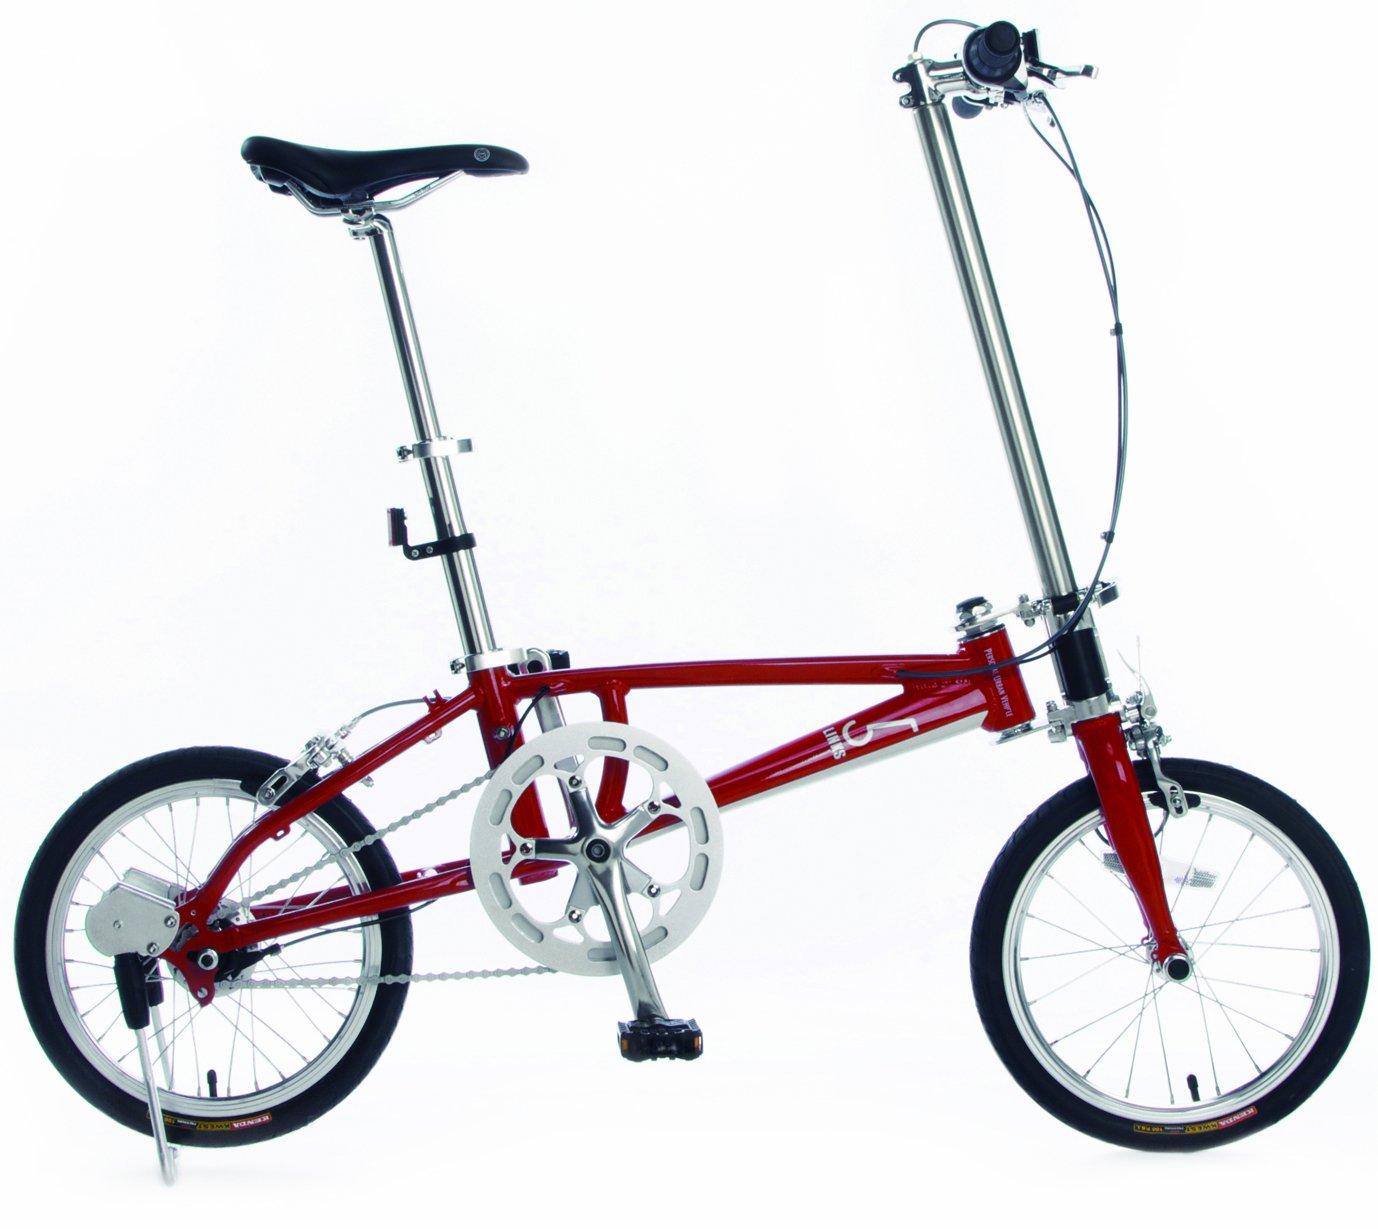 5LINKS(ファイブリンクス) 16インチ 折たたみ自転車 シマノ インター5 段 仕様 レッド/ホワイト 5LINKS2 165 B00K6LO6IA